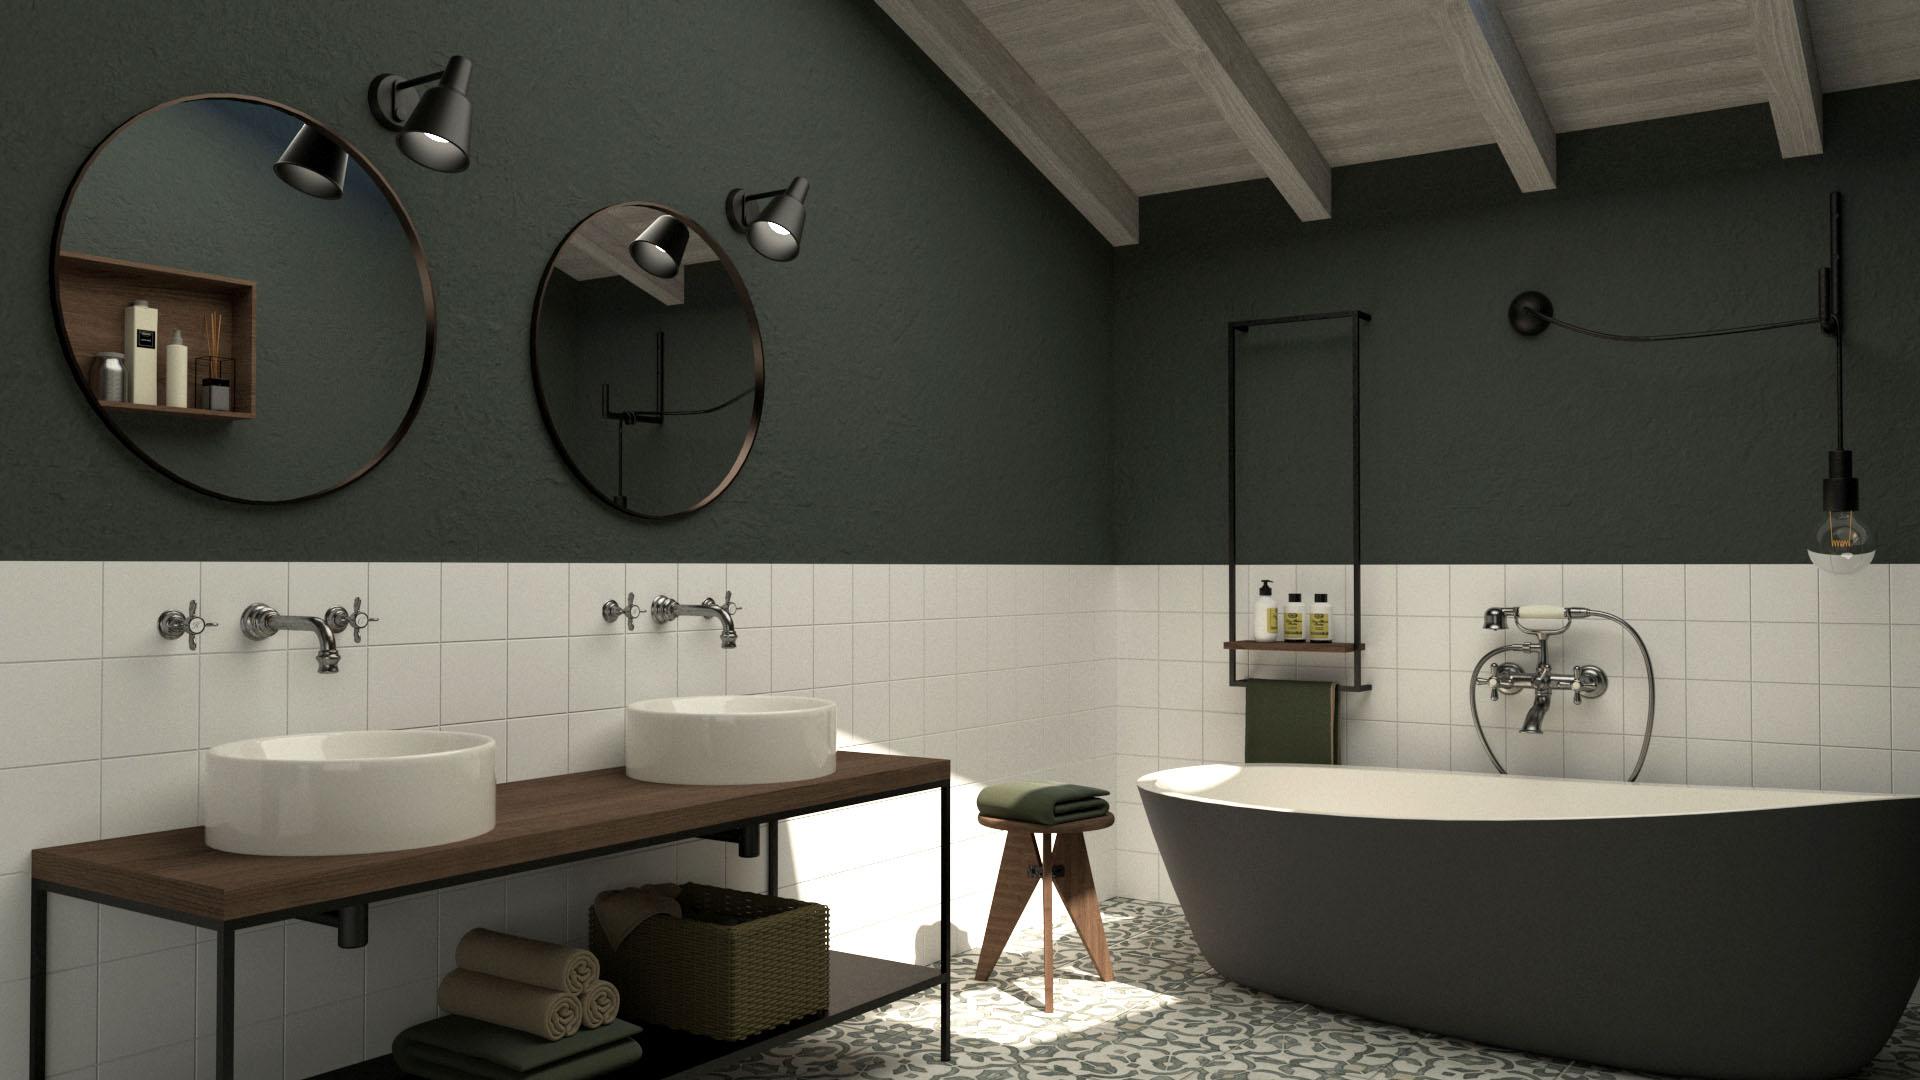 Progetto di ristrutturazione dello studio di architettura Argo4 - Render del bagno